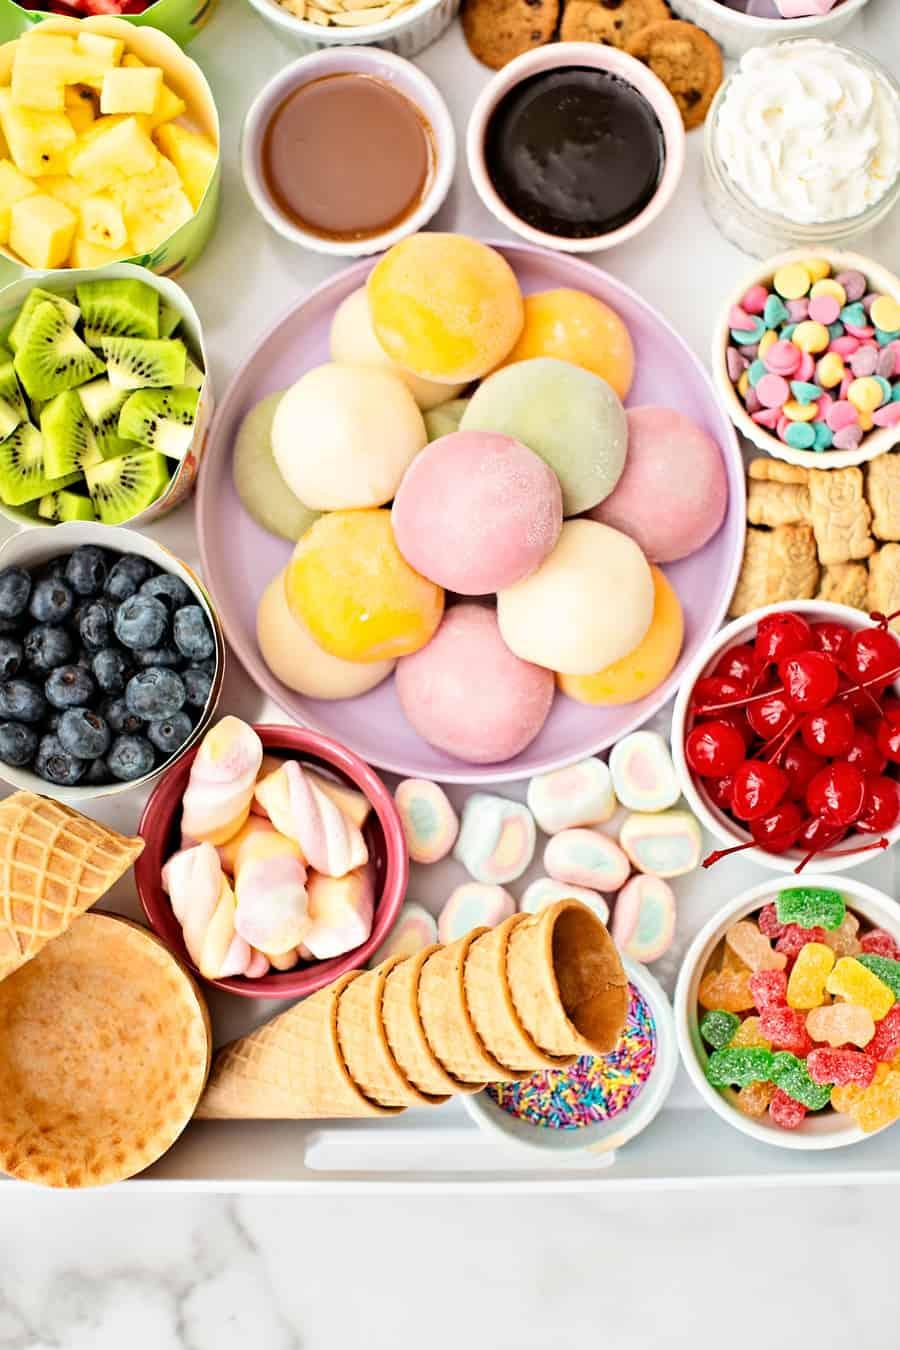 mochi ice cream sundae bar